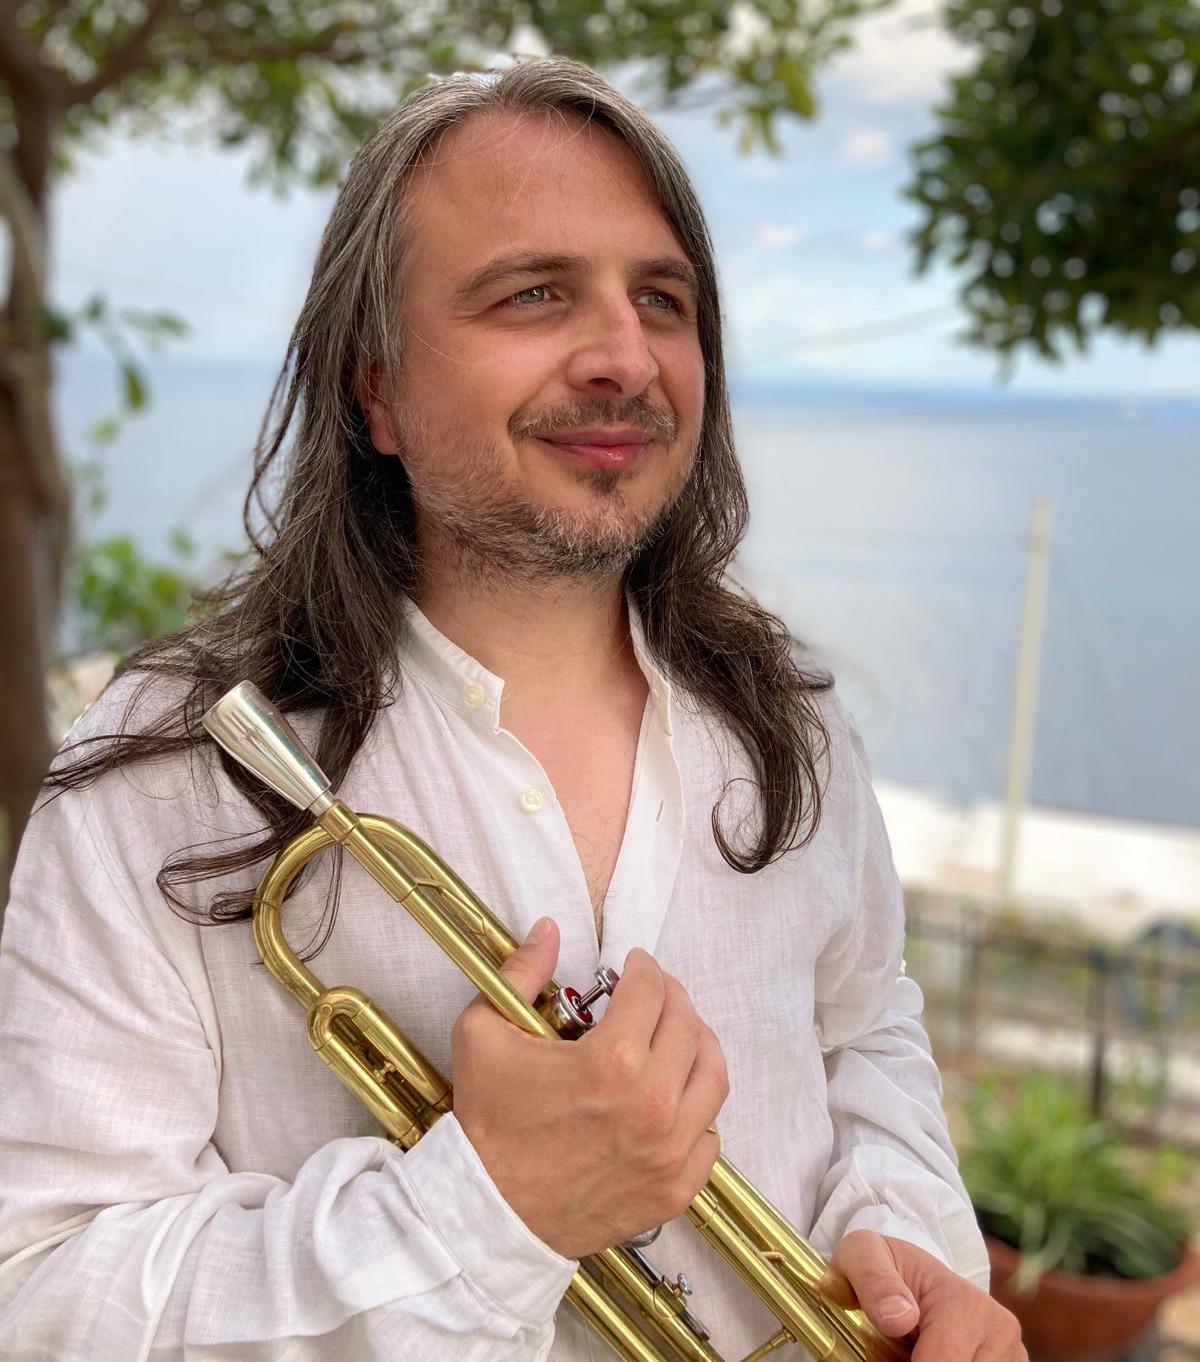 Louis-Siciliano-Italian-composer